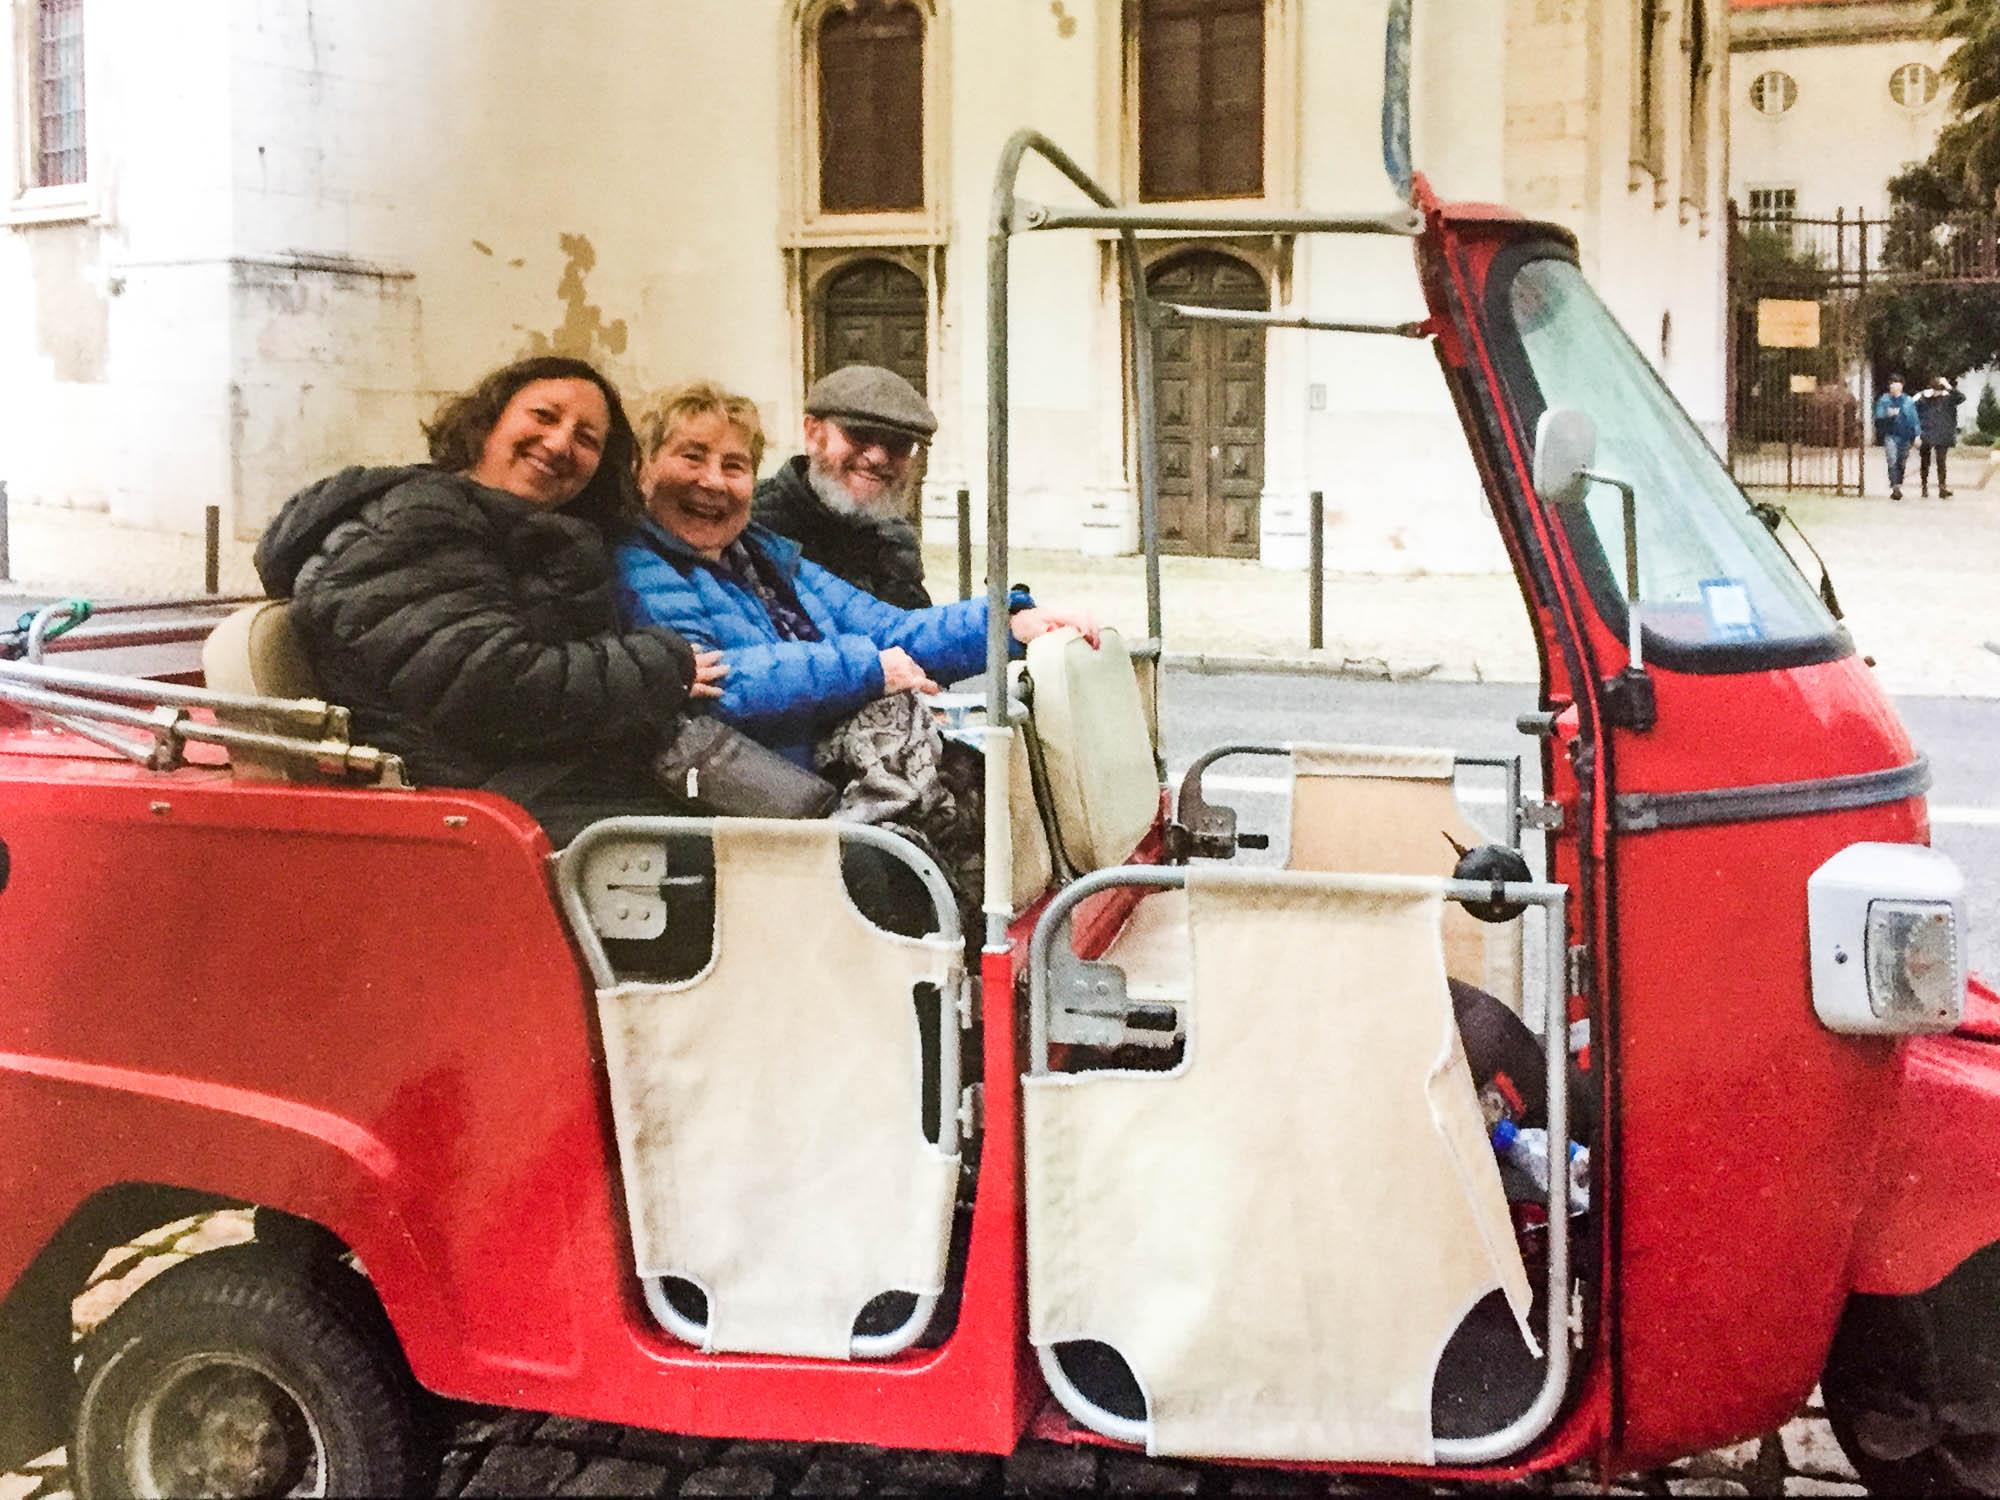 3 people in Tuktuk in Lisbon Portugal